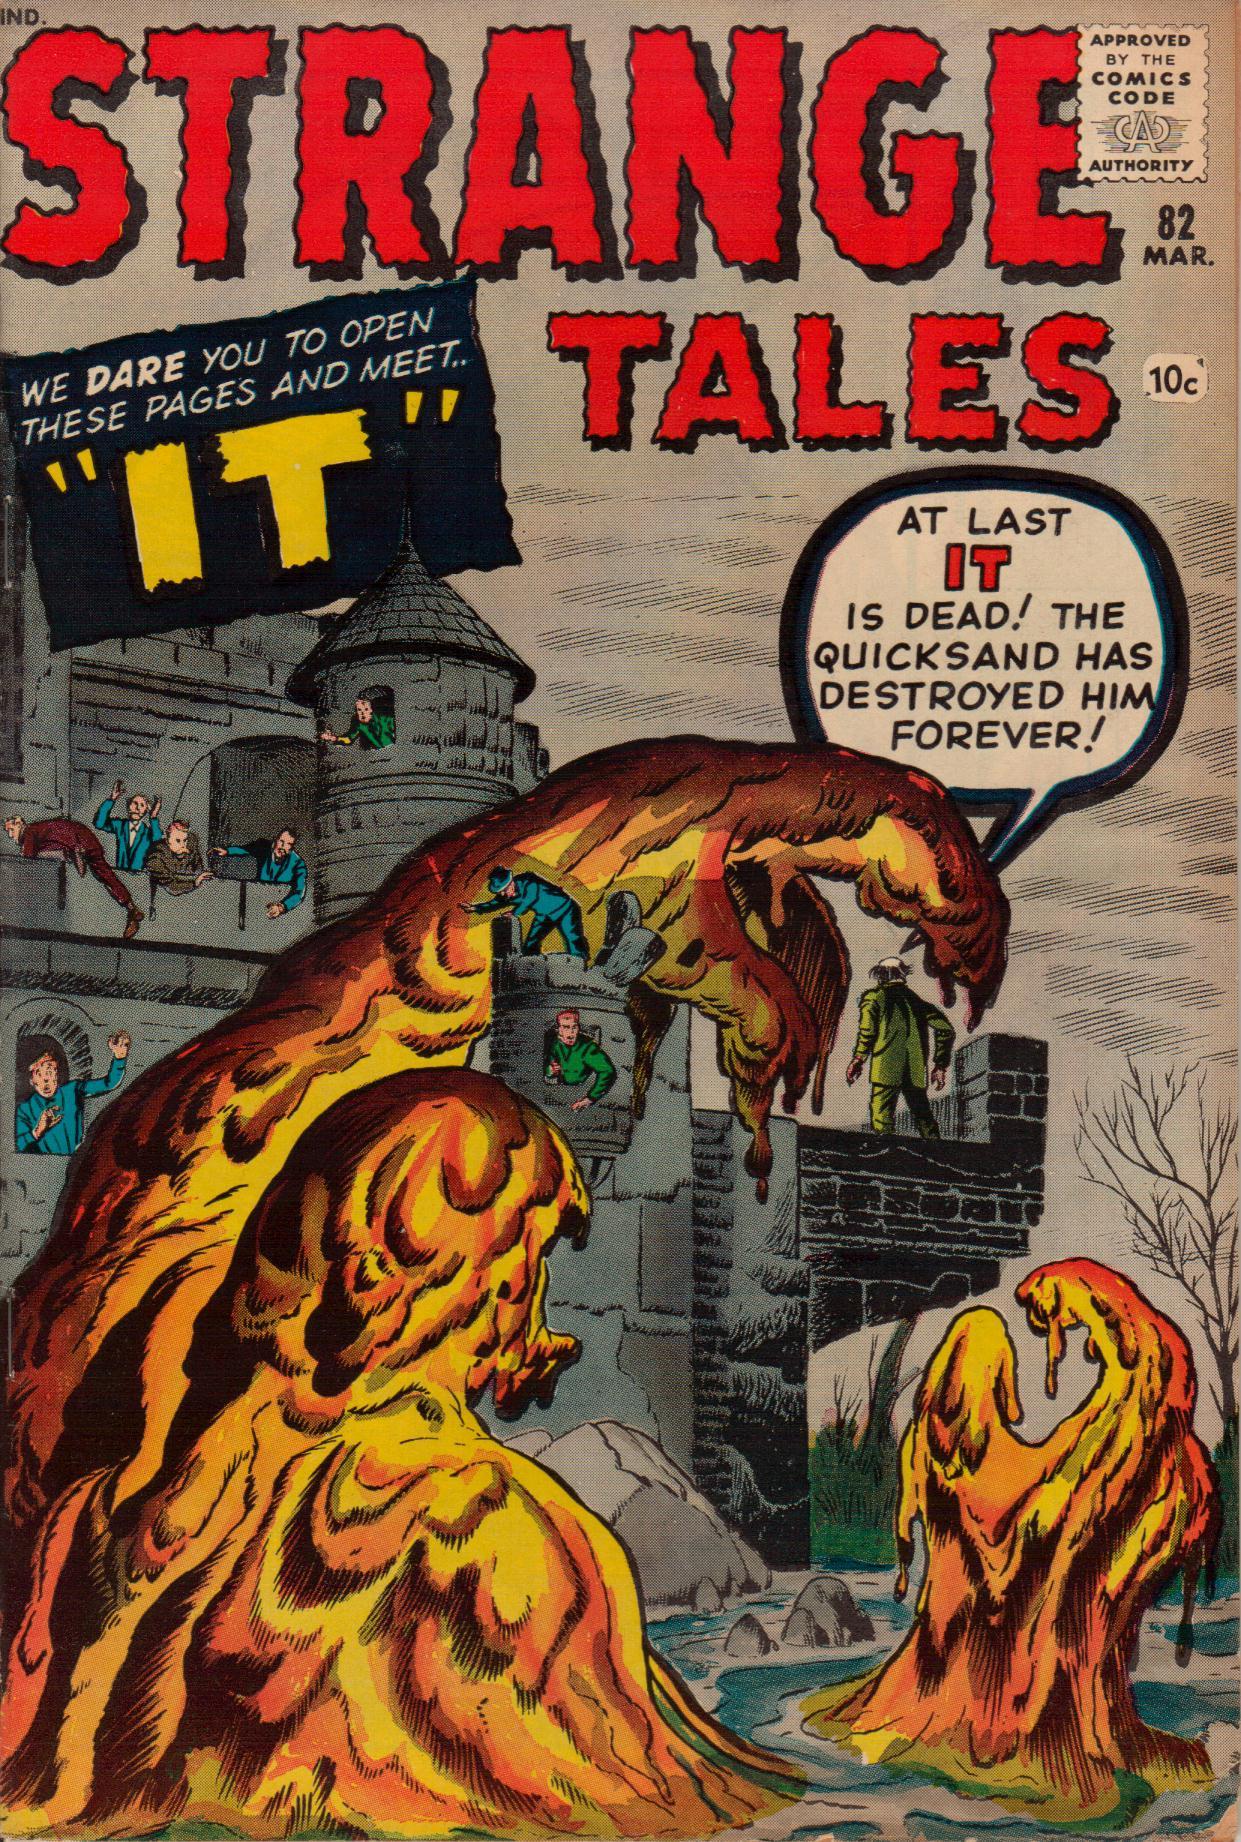 Strange Tales (1951) 82 Page 1